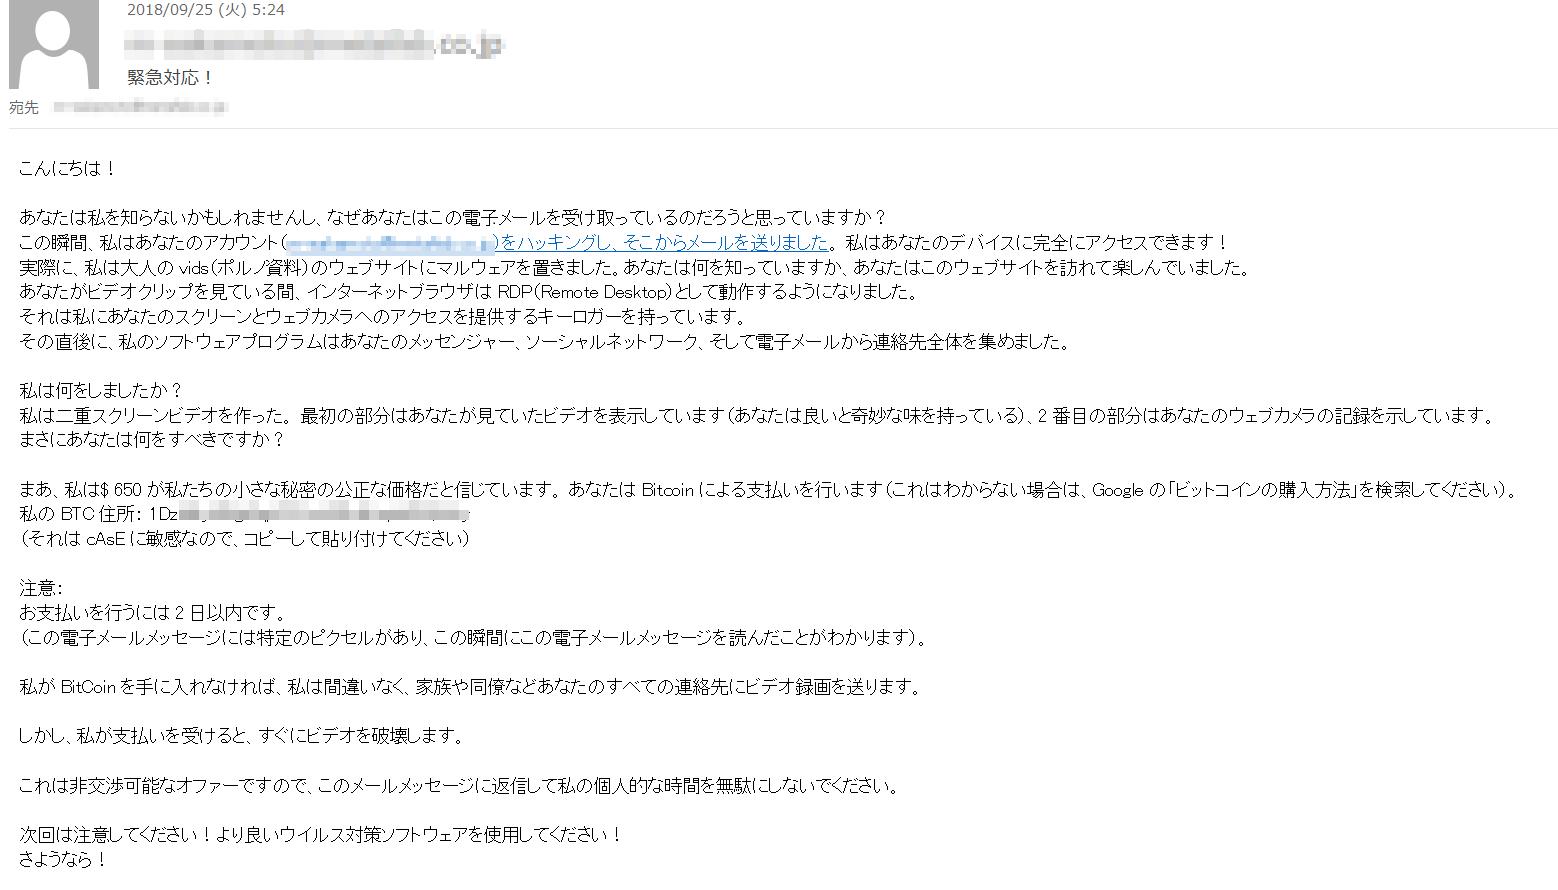 9月25日に送信された詐欺メールの例